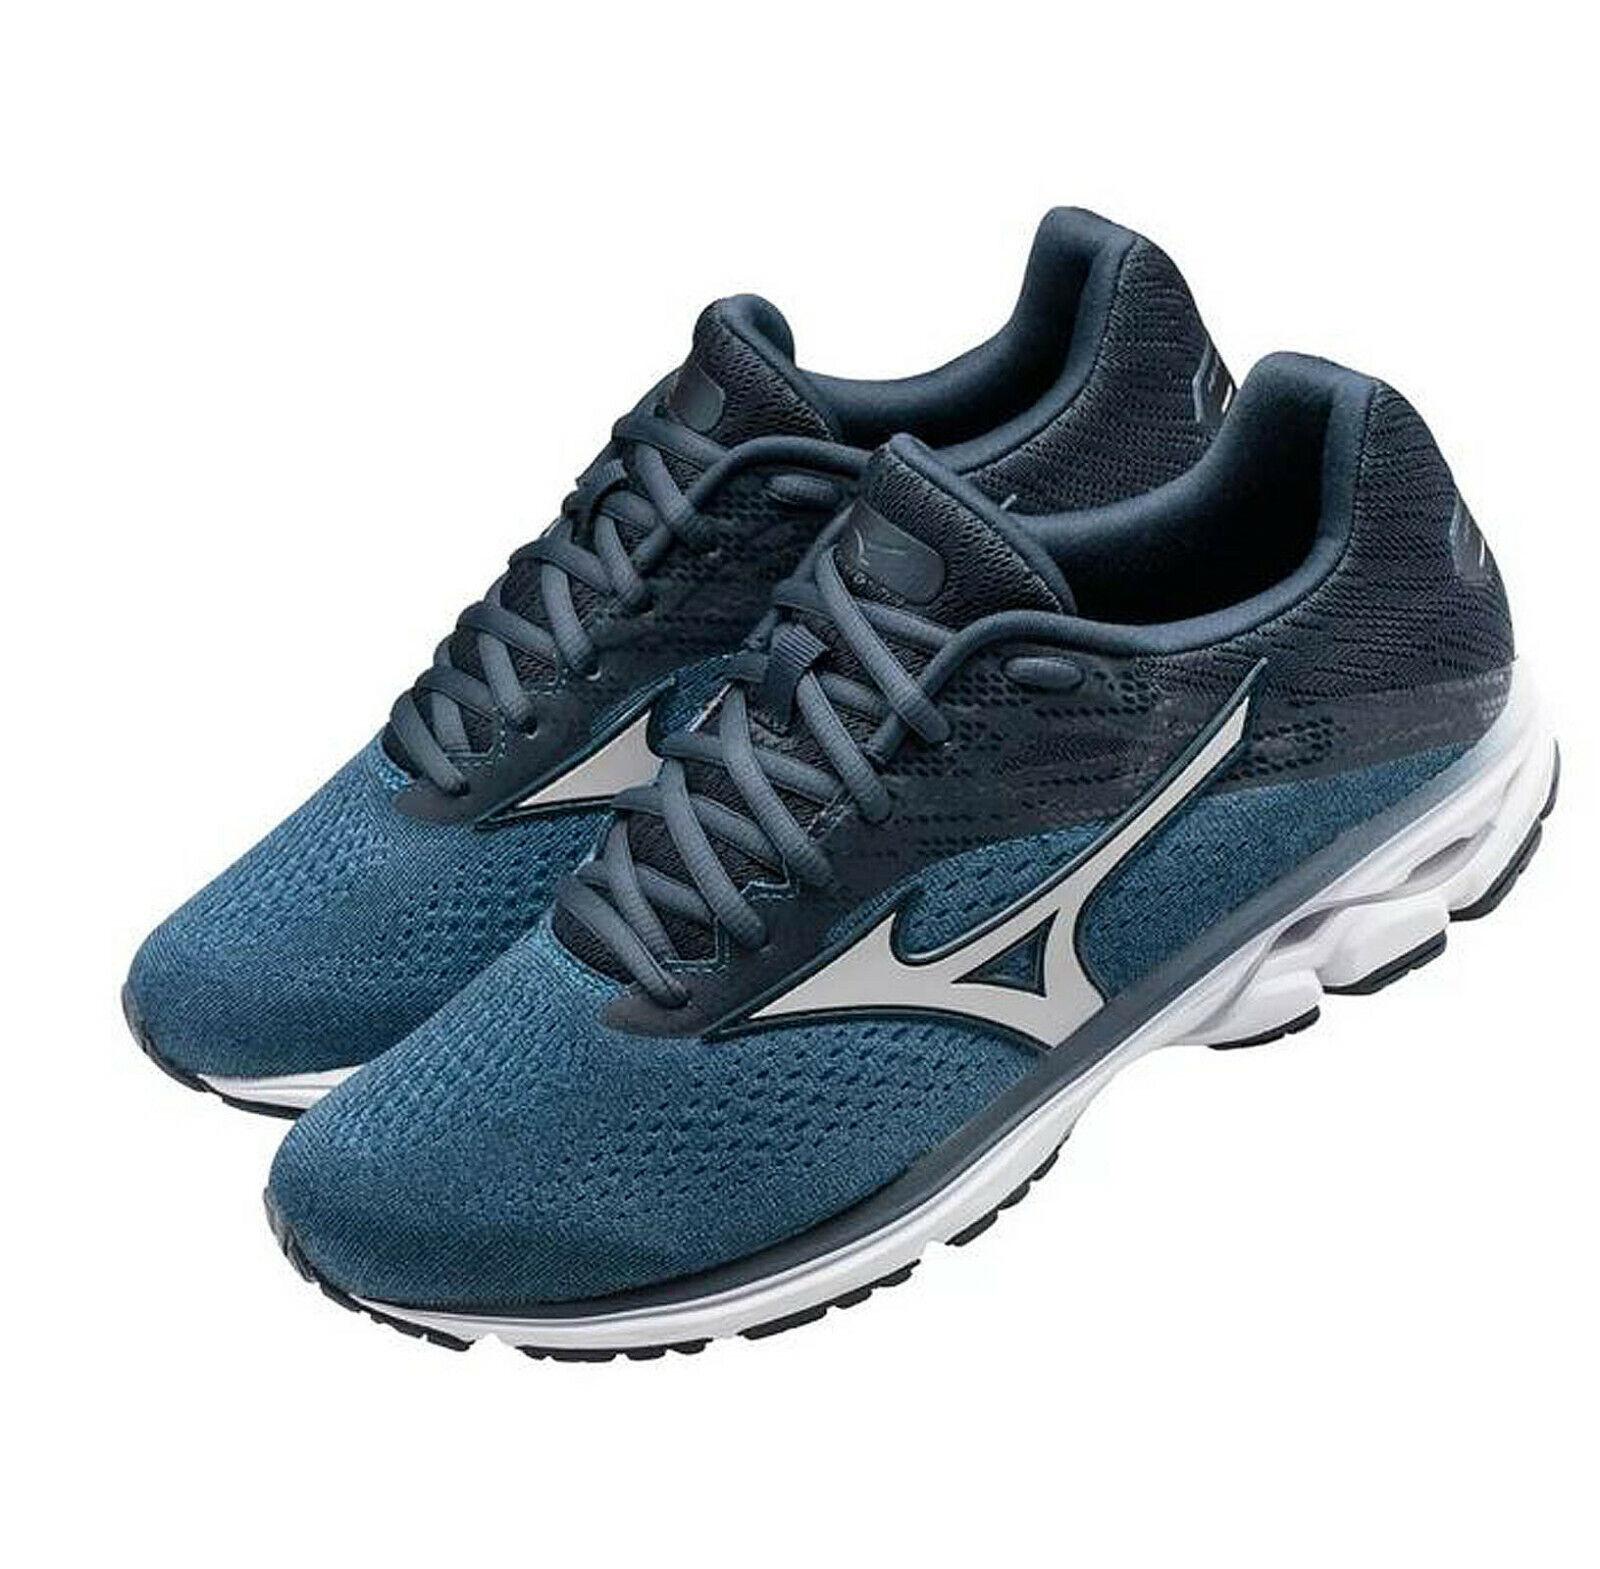 Reebok Atv19 Plus Running Men's Shoes